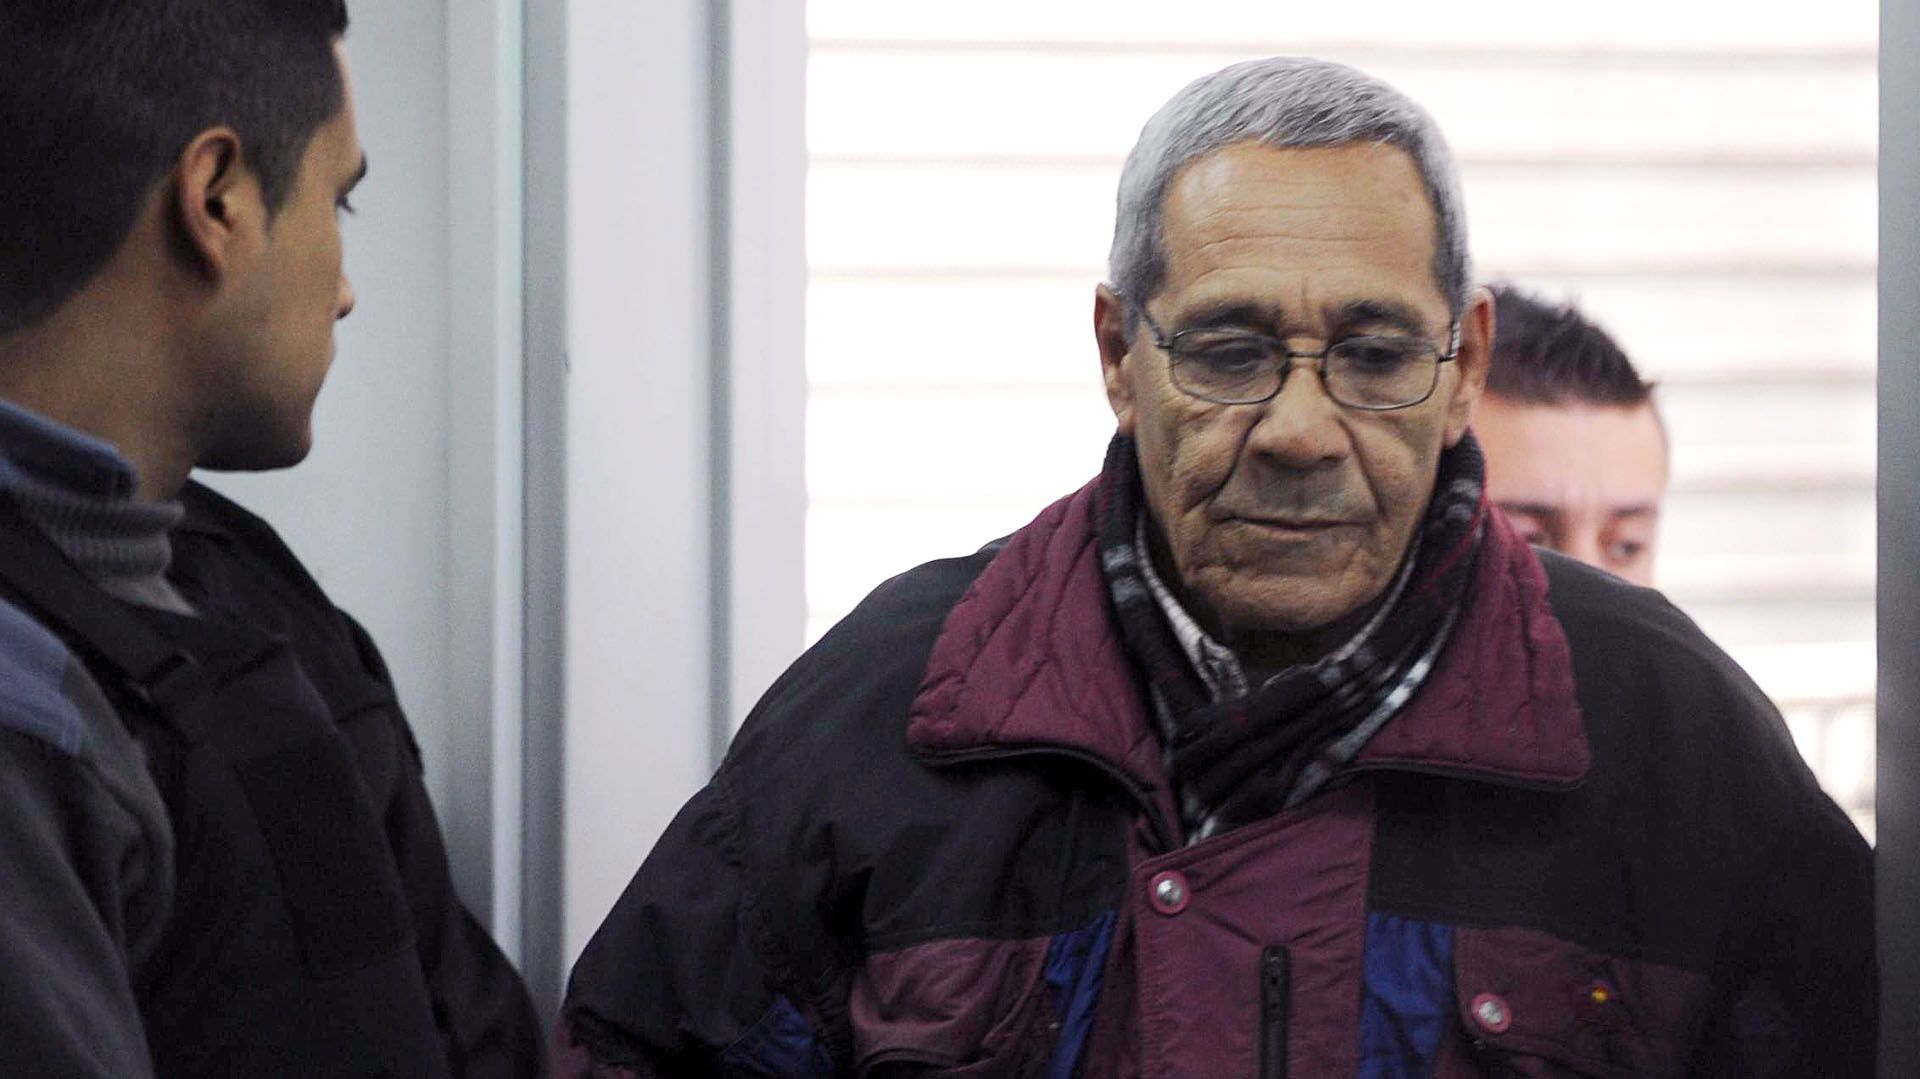 Francisco Gómezfue condenado en 2016 a 12 años de cárcel.